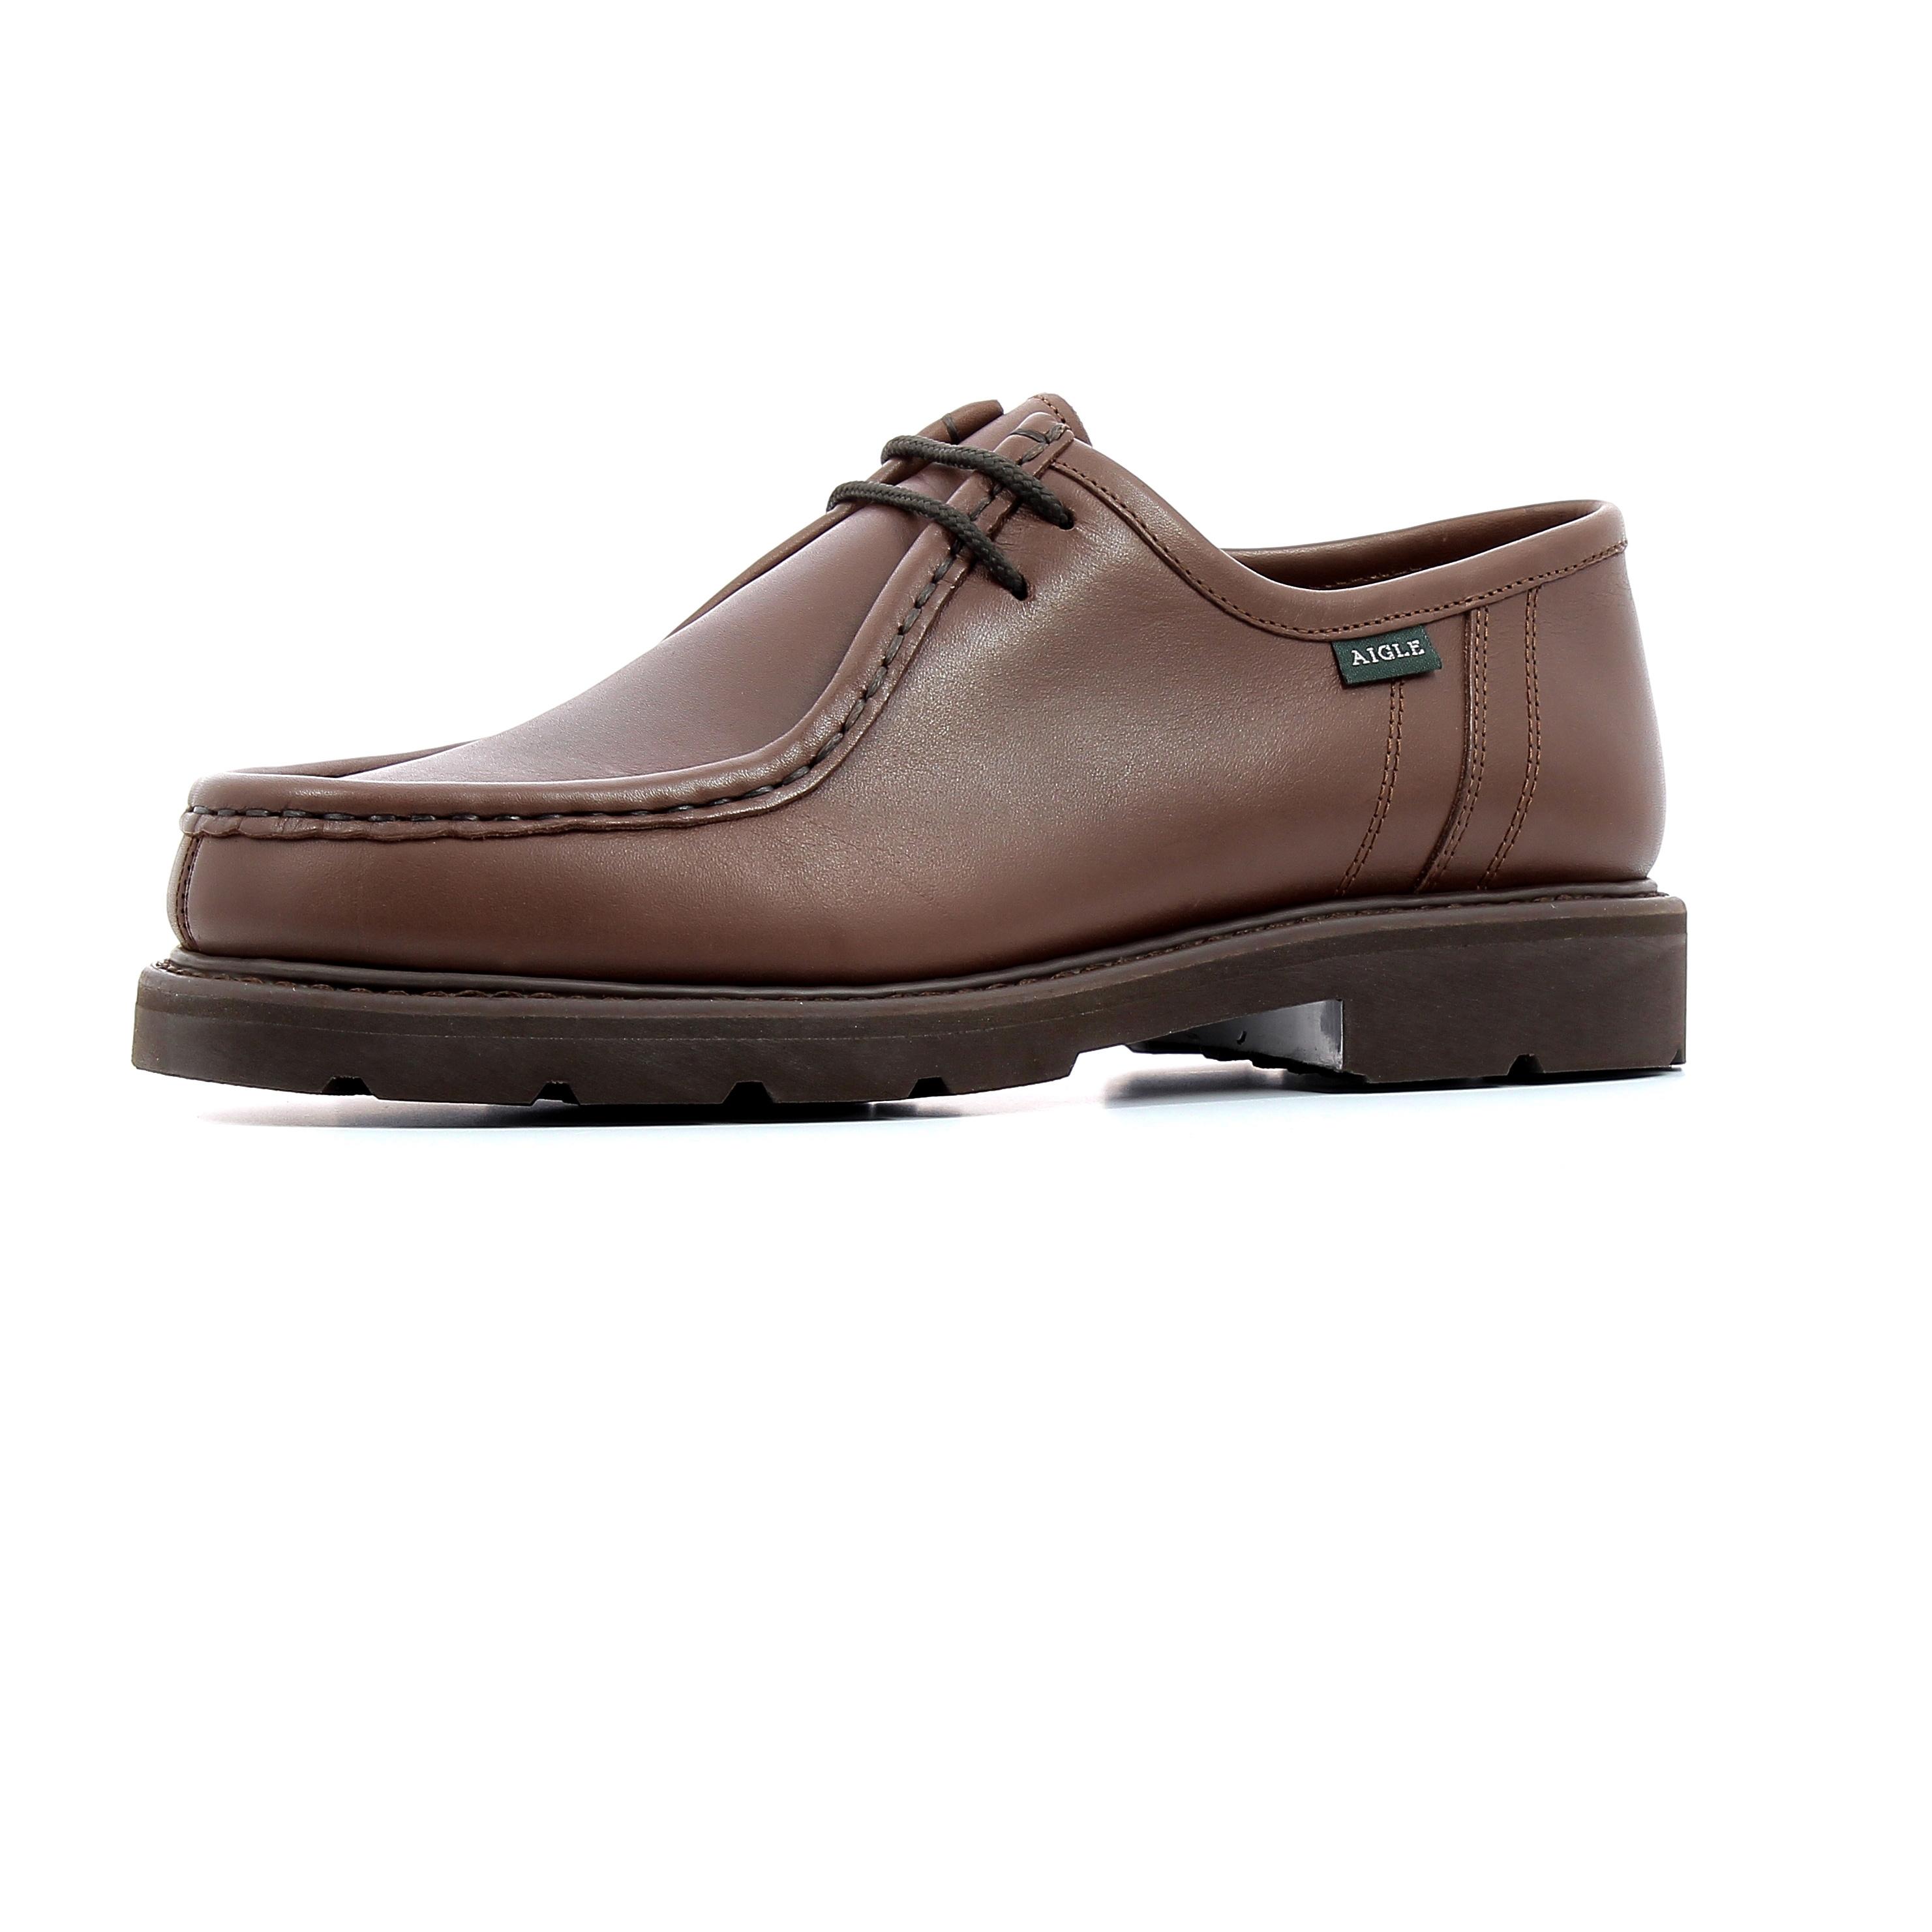 Chaussures de ville Aigle Bourgogne Marron